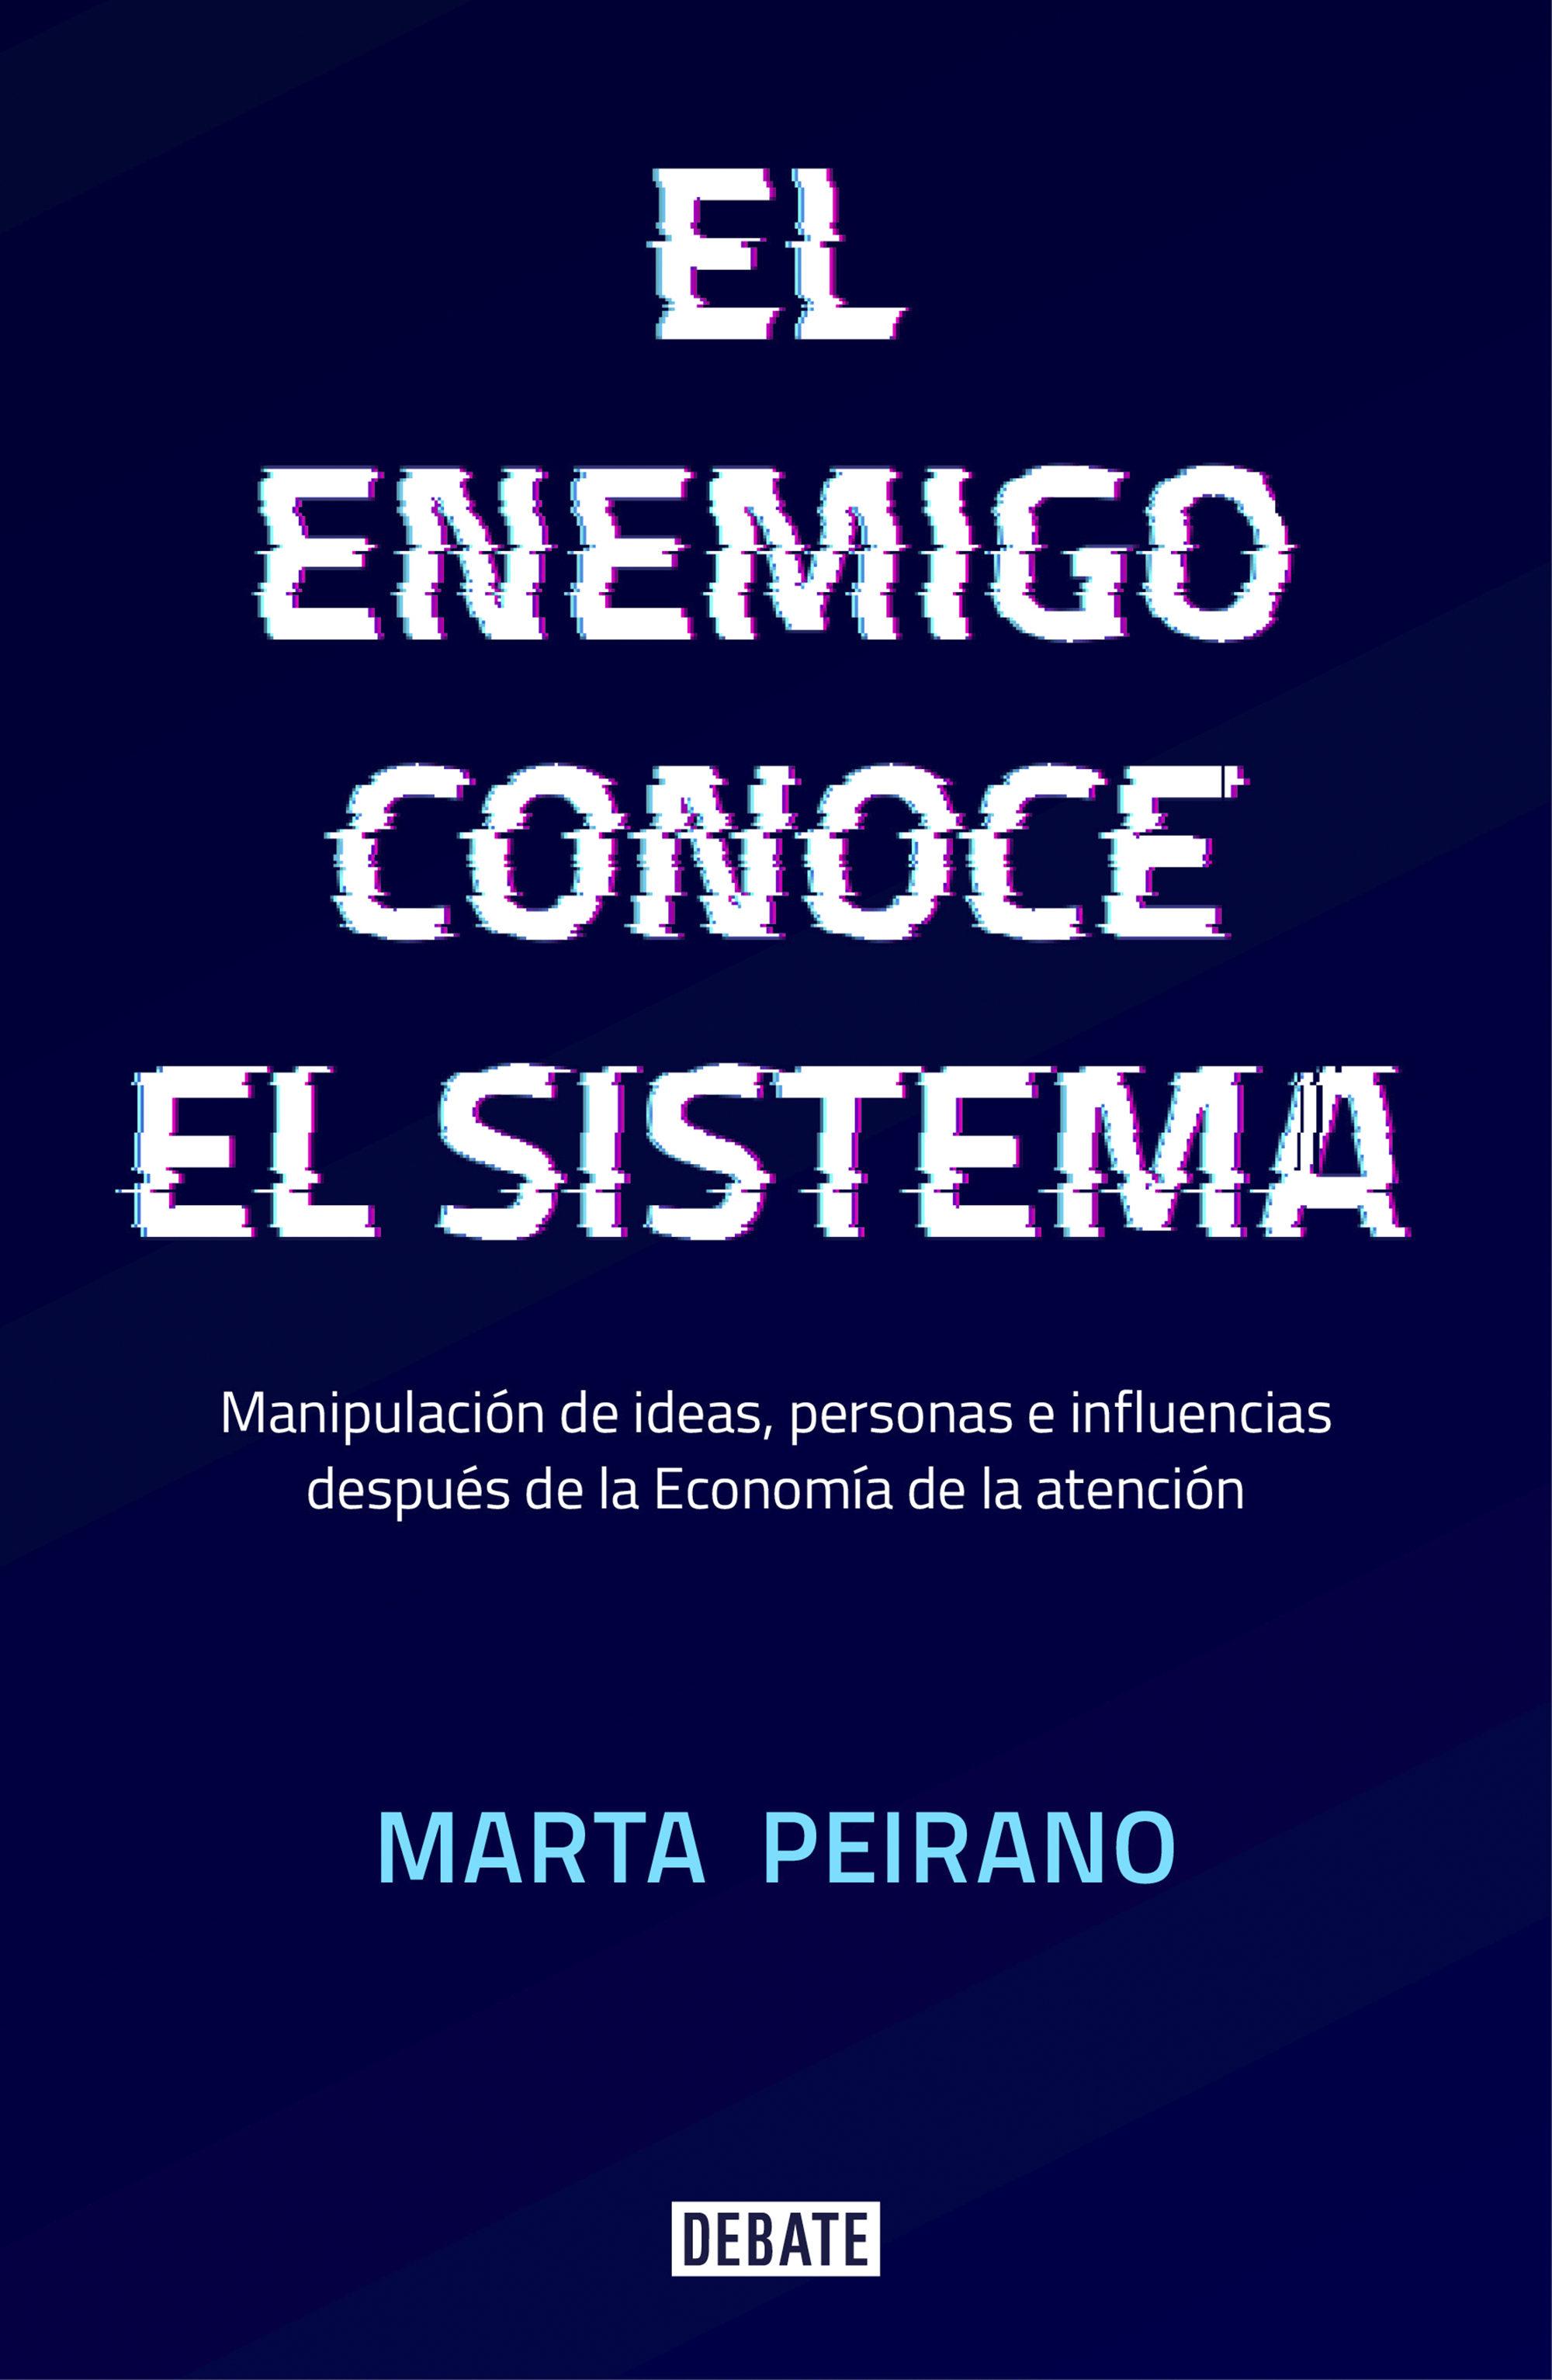 EL ENEMIGO CONOCE EL SISTEMA.